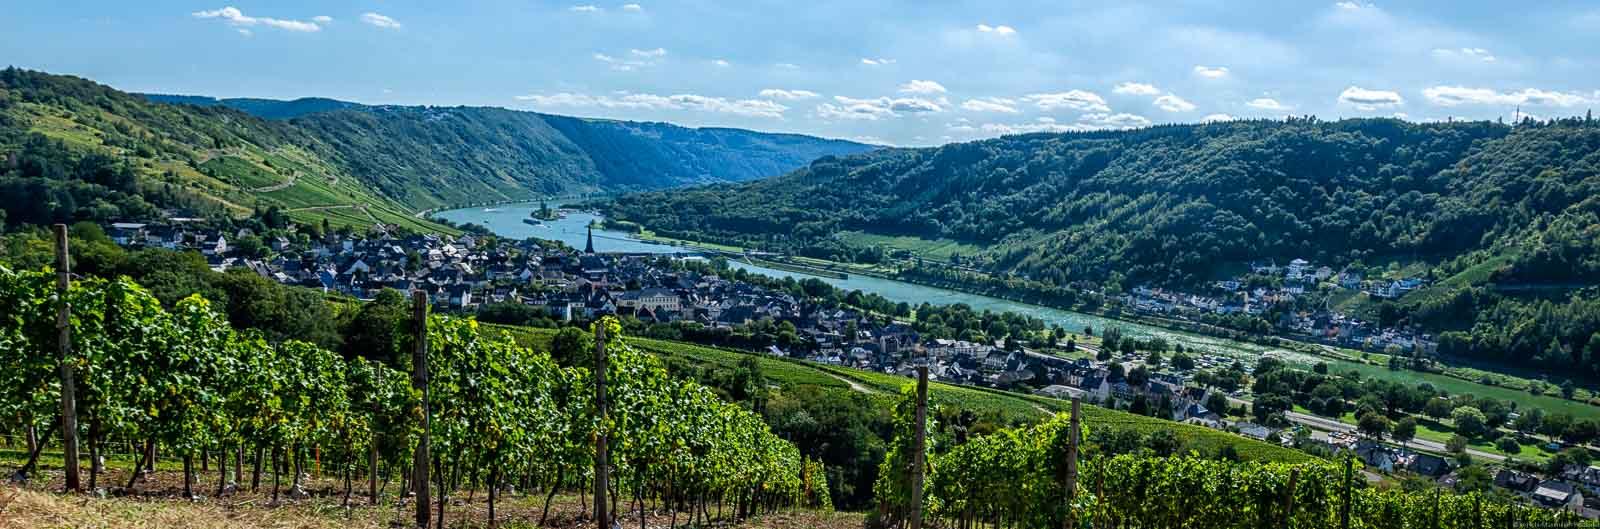 Bei den Orten Enkirch im Vordergrund und Kövenig im Hintergrund gibt es ein tolles Moselpanorama hinter dem Weinberg Enkircher Monteneubel. Zwischen den Orten fließt die Mosel. Im Hintergrund erkennt man weitere Weinberge und bewaldete Hänge. Der Himmel ist blau mit einigen Wolken.